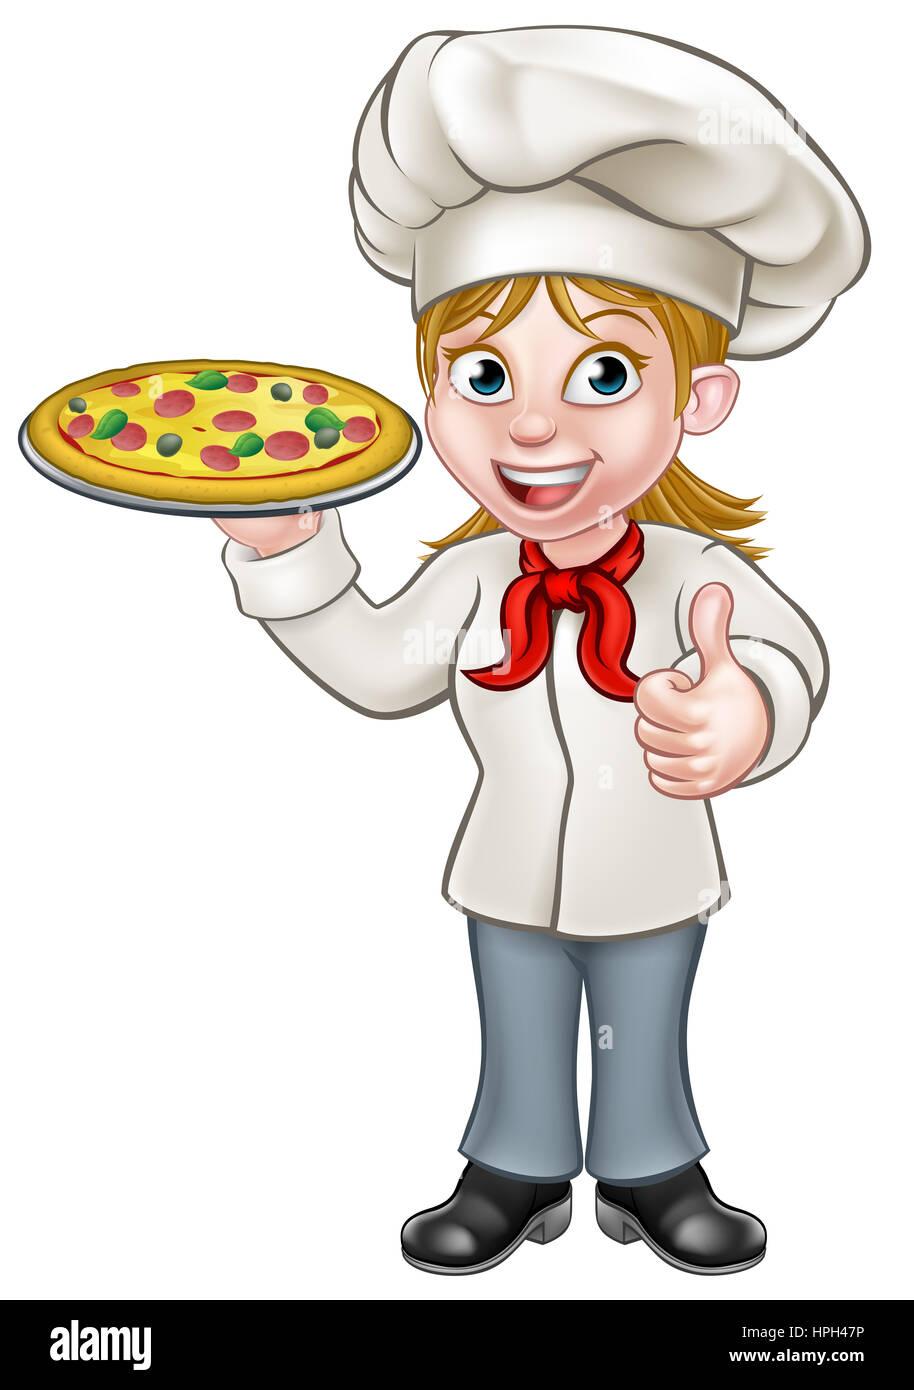 Kid boy mom making pizza together. Illustration of a boy with his mom while making  pizza together.